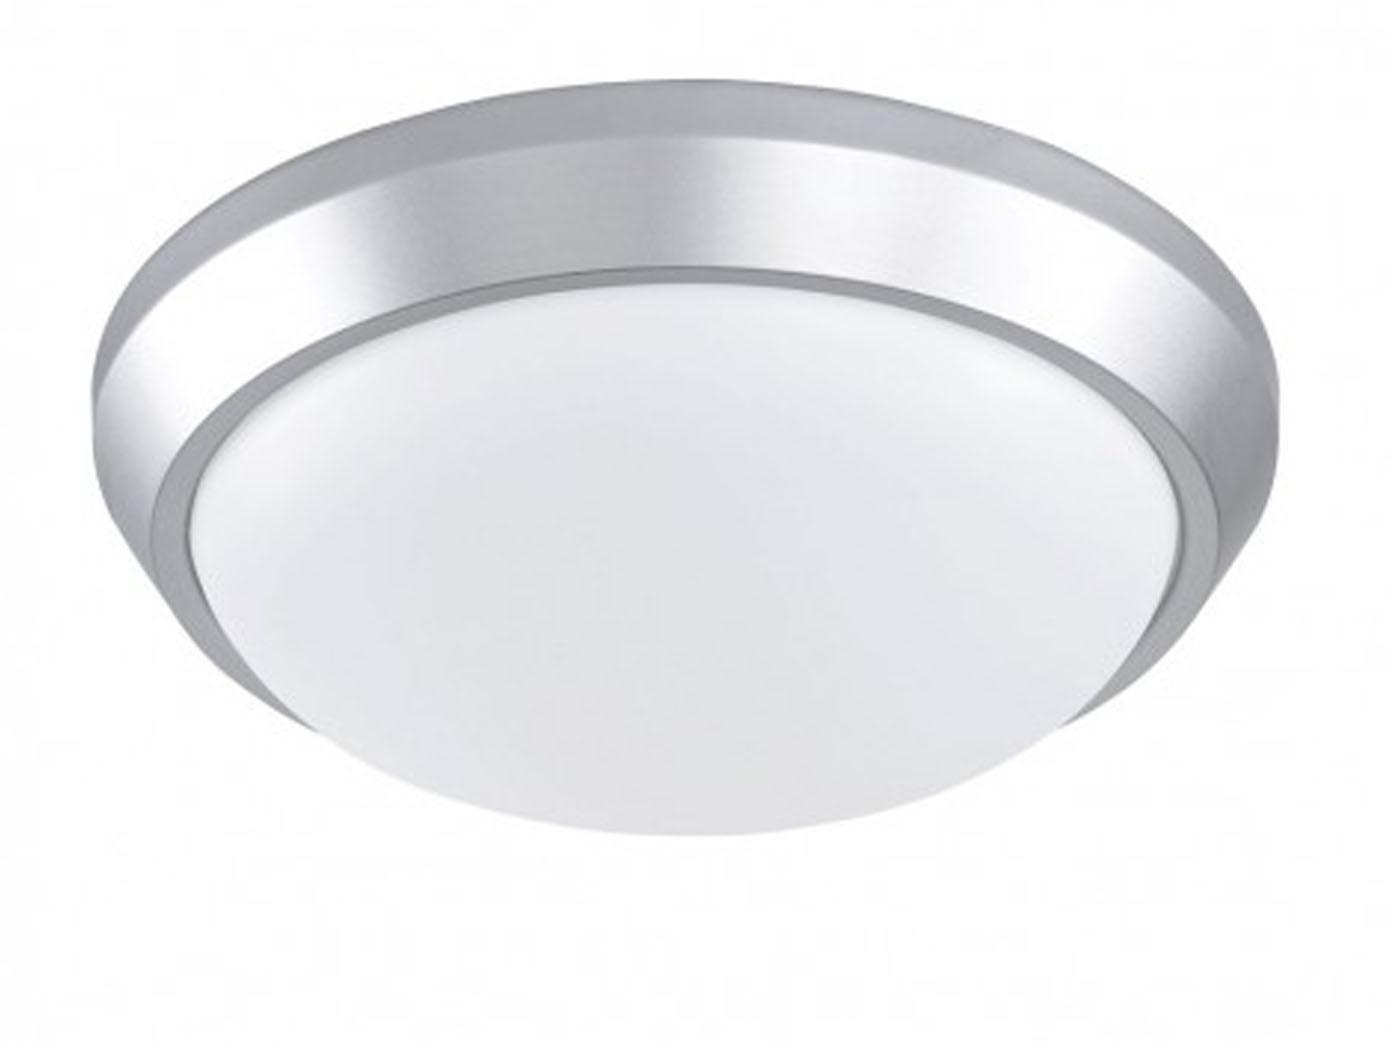 LED Deckenlampe Deckenleuchte klassisch 28cm Action by Wofi